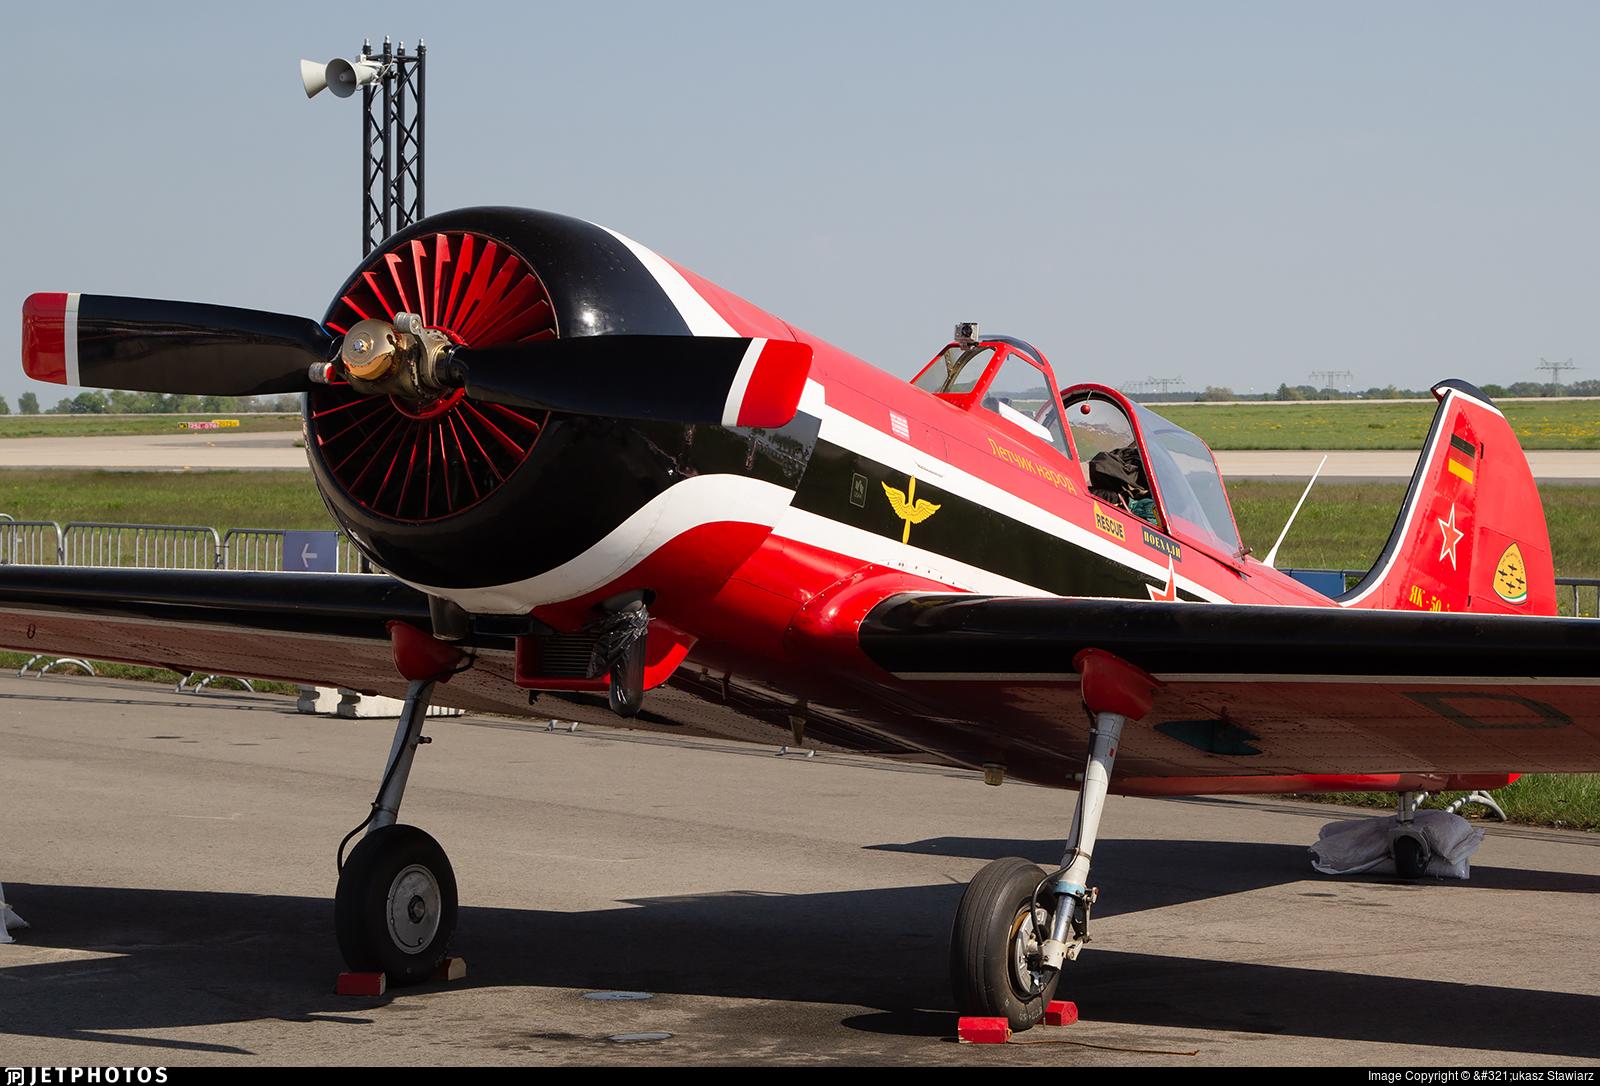 D-EJGS - Yakovlev Yak-50 - Private